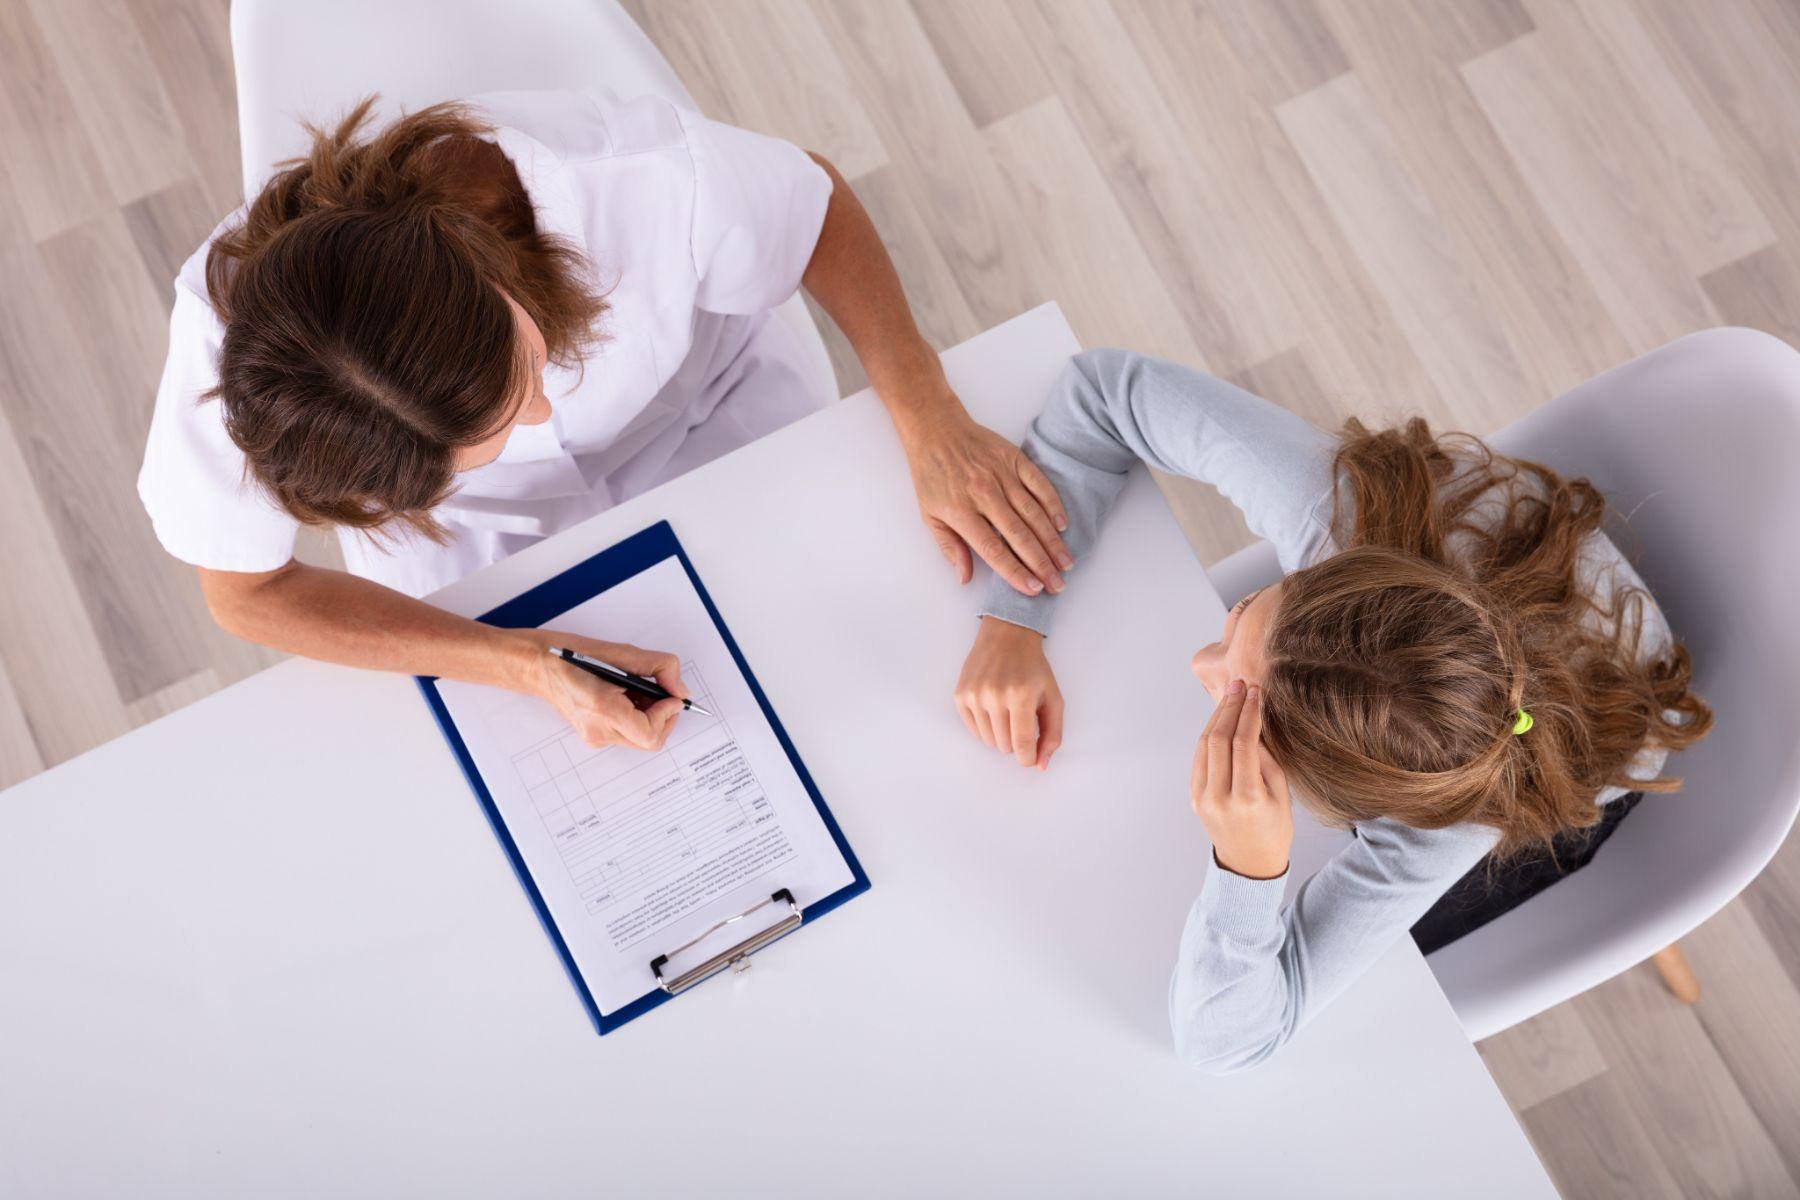 Doctora con portapapeles mirando deprimido chica paciente en clínica